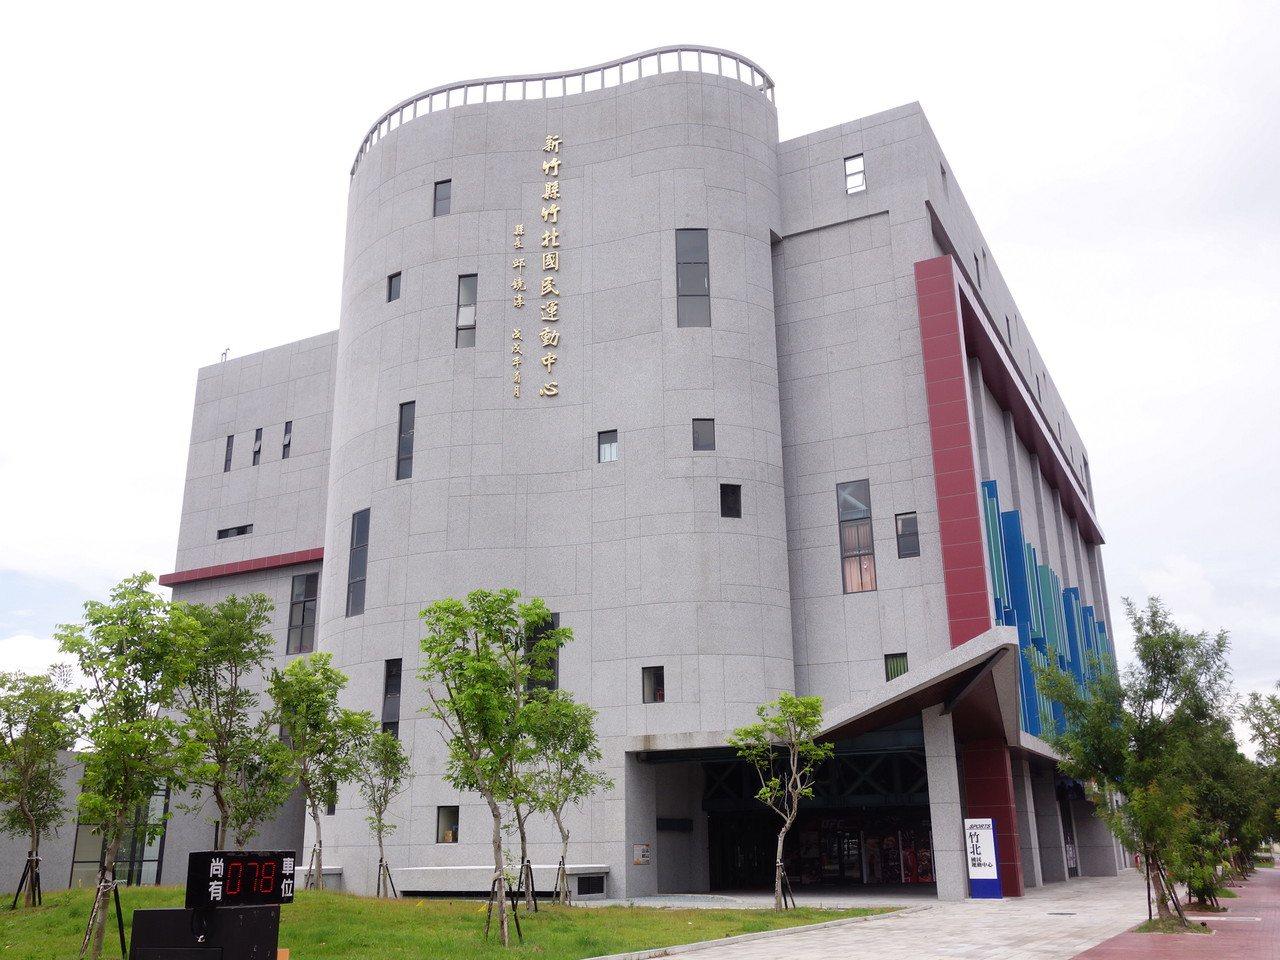 竹北國民運動中心是新竹縣第一家運動中心,今年9月起營運。記者郭政芬/攝影